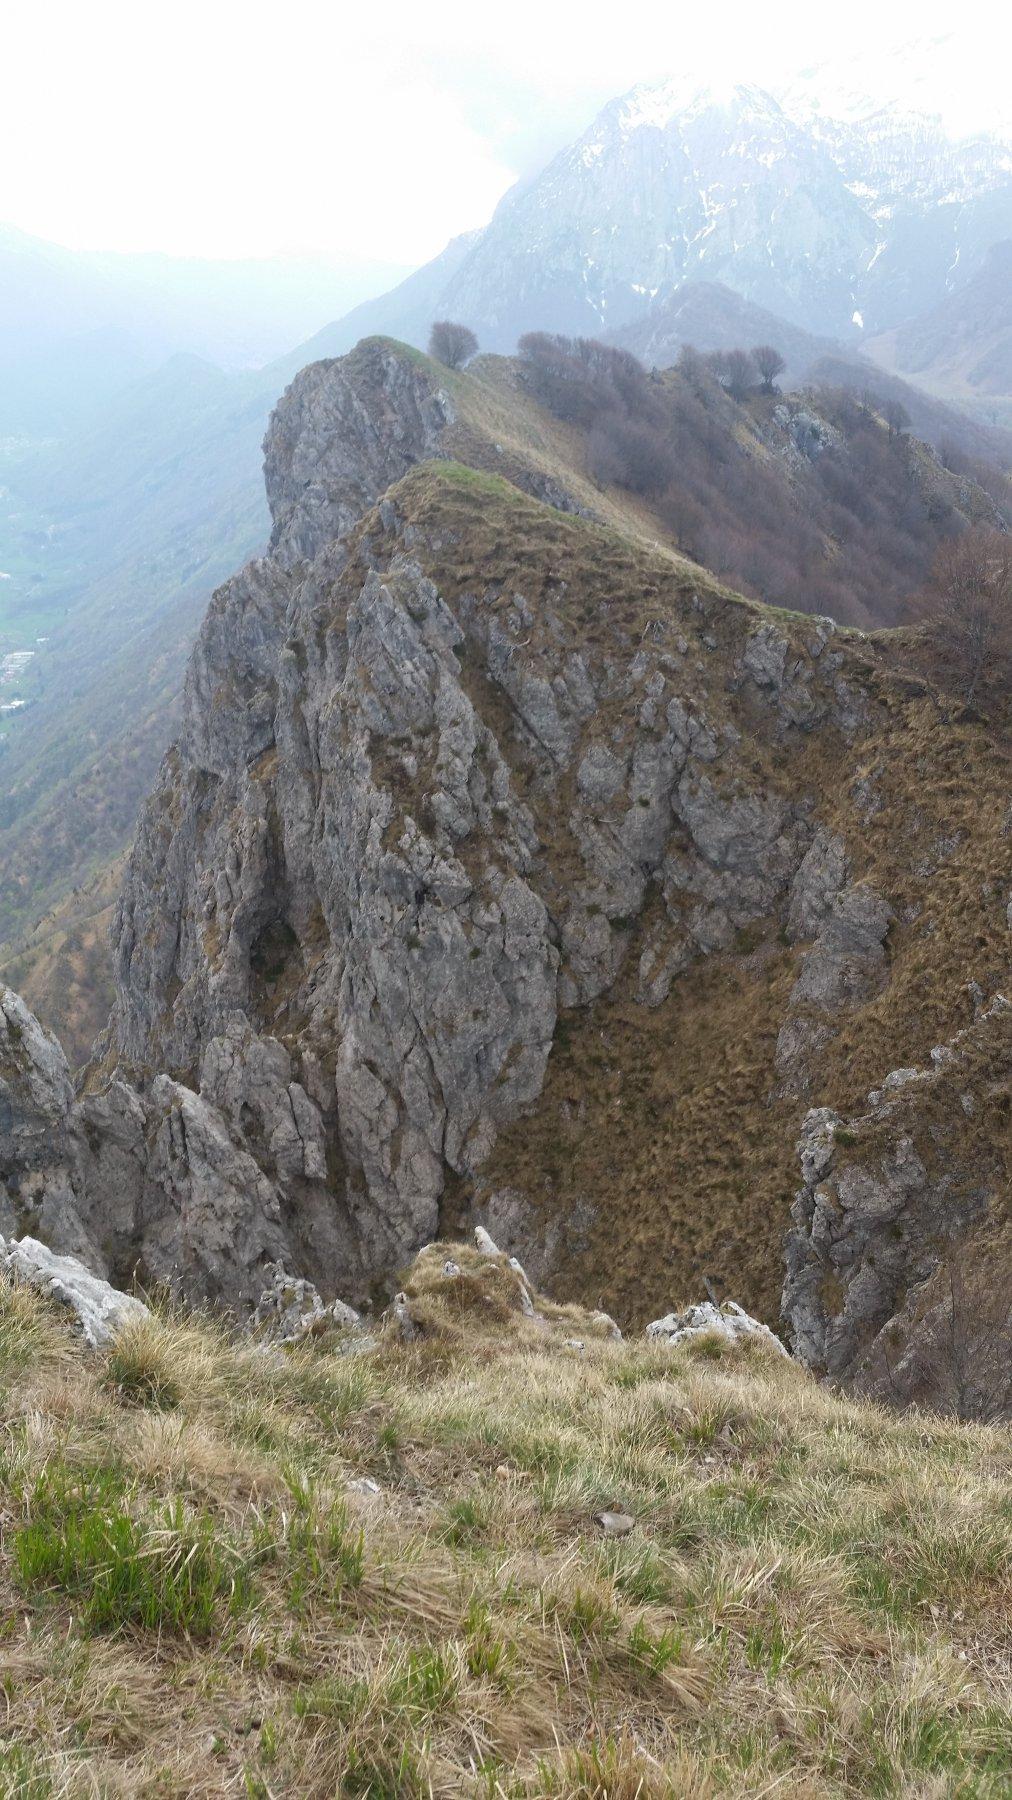 La cresta con il Grignone sullo sfondo